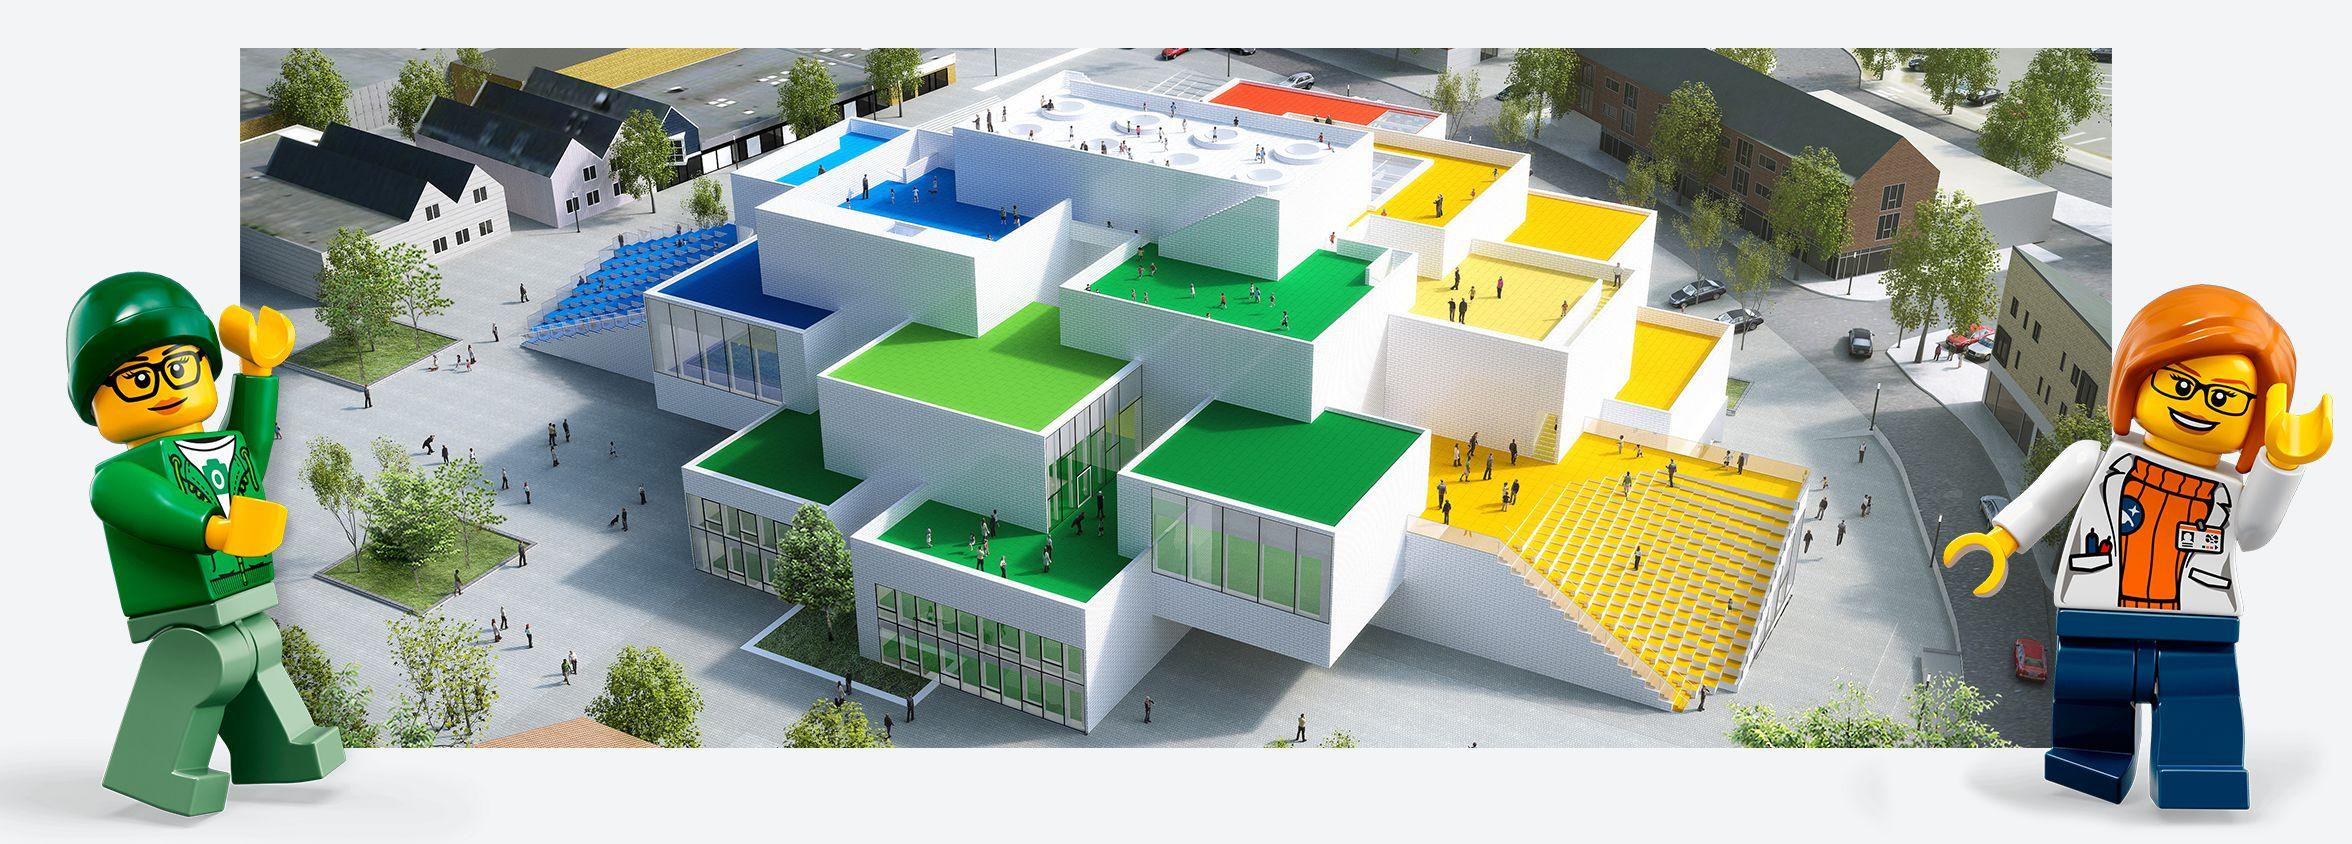 LEGO House. Image: LEGO